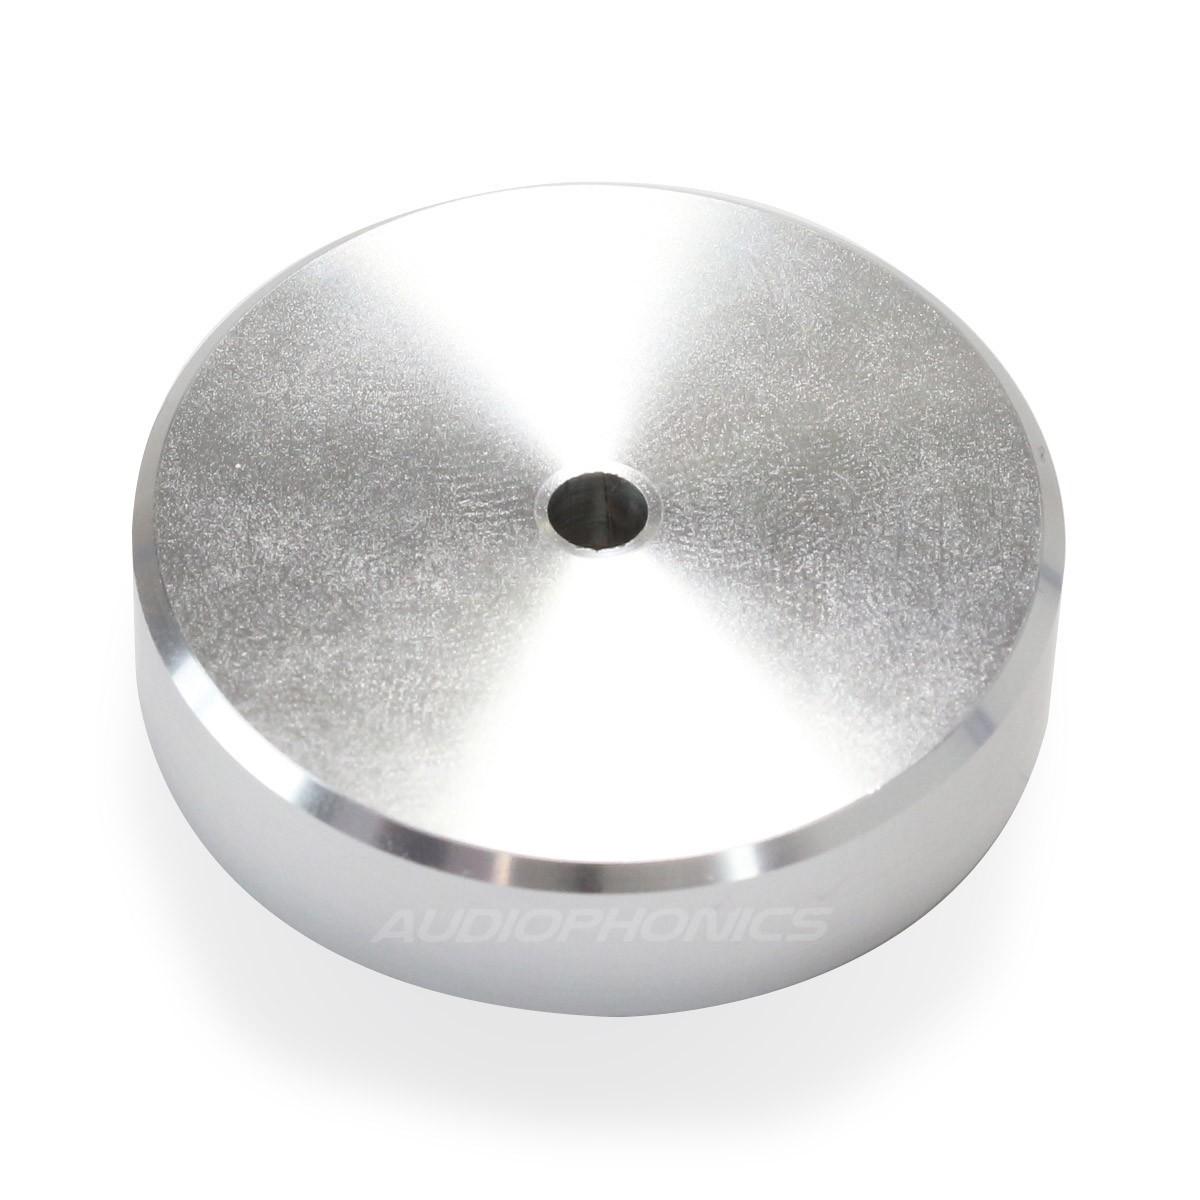 Aluminium damping feet 40x16mm (Unit)